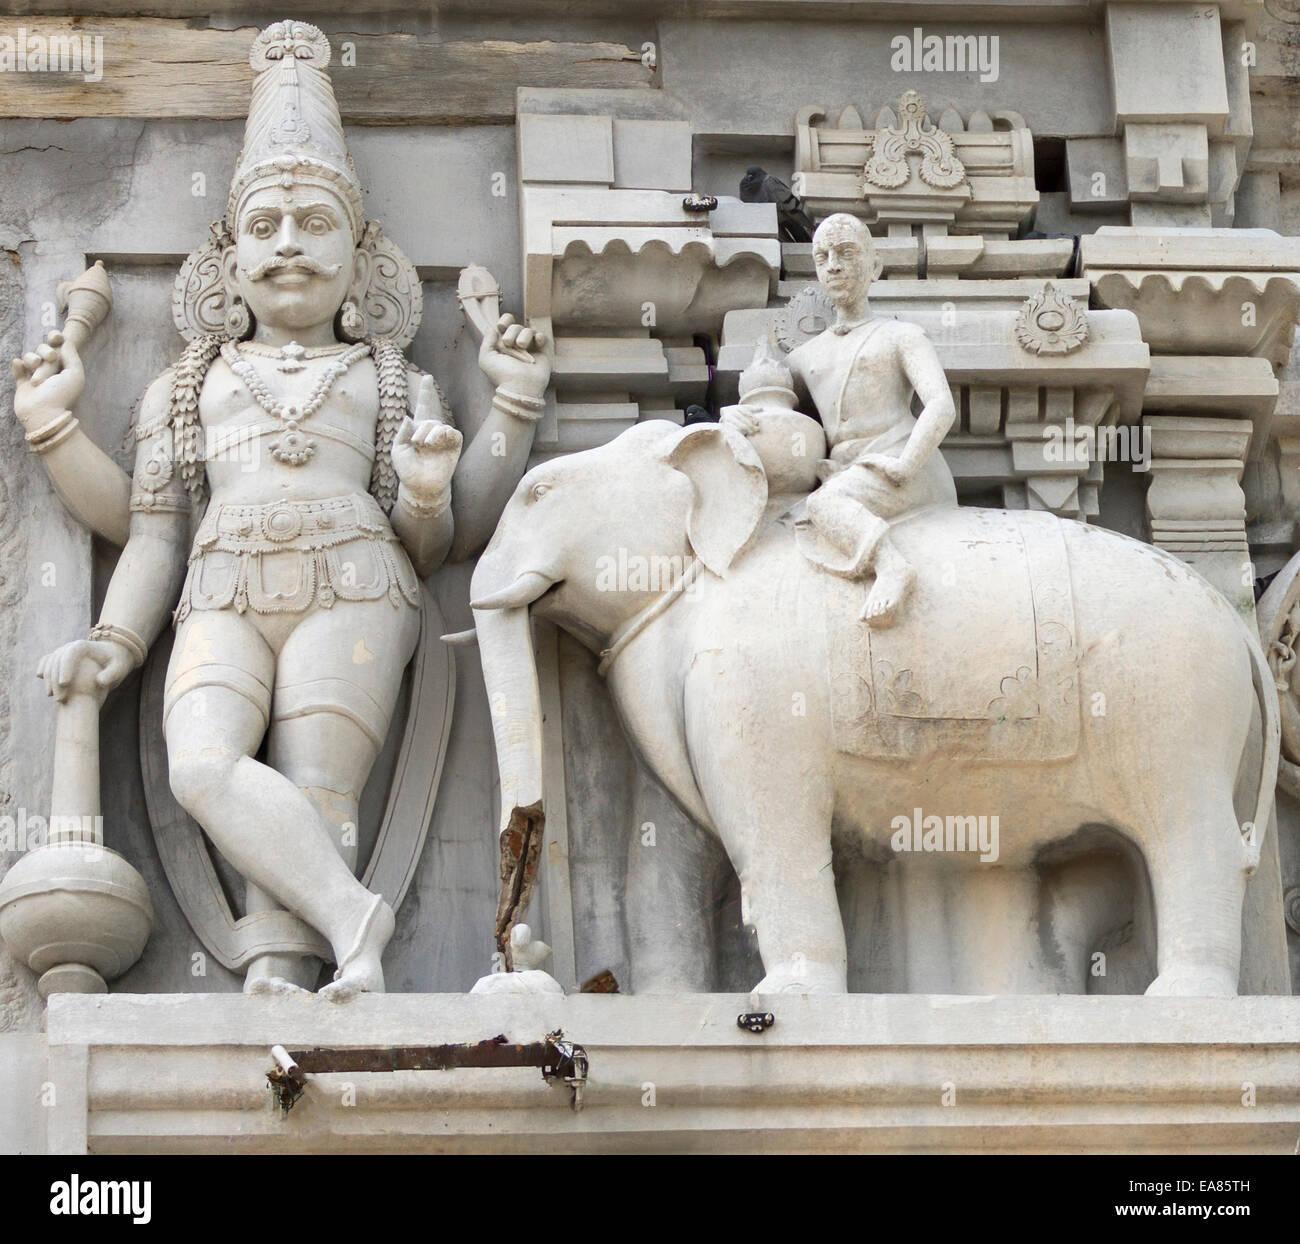 Dwarapalaka, le gardien de la porte, flanquée d'un éléphant. Photo Stock